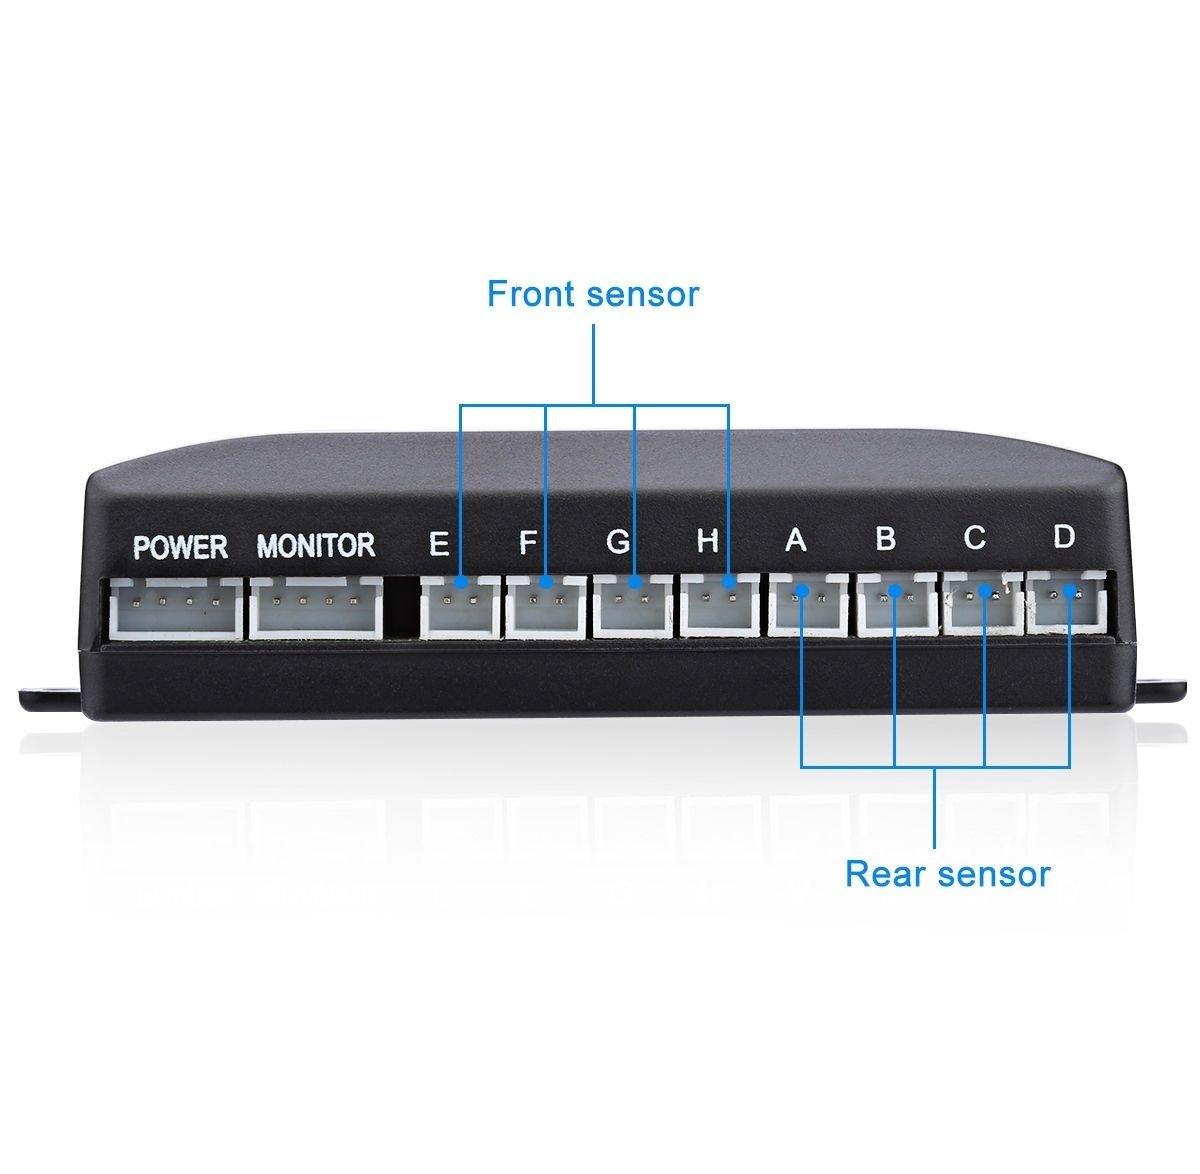 Syst/ème de radar de recul avec /écran LED pour stationnement Noir Kit daffichage LED avec 8/capteurs de stationnement dont 4 avant et 4/arri/ère 4/